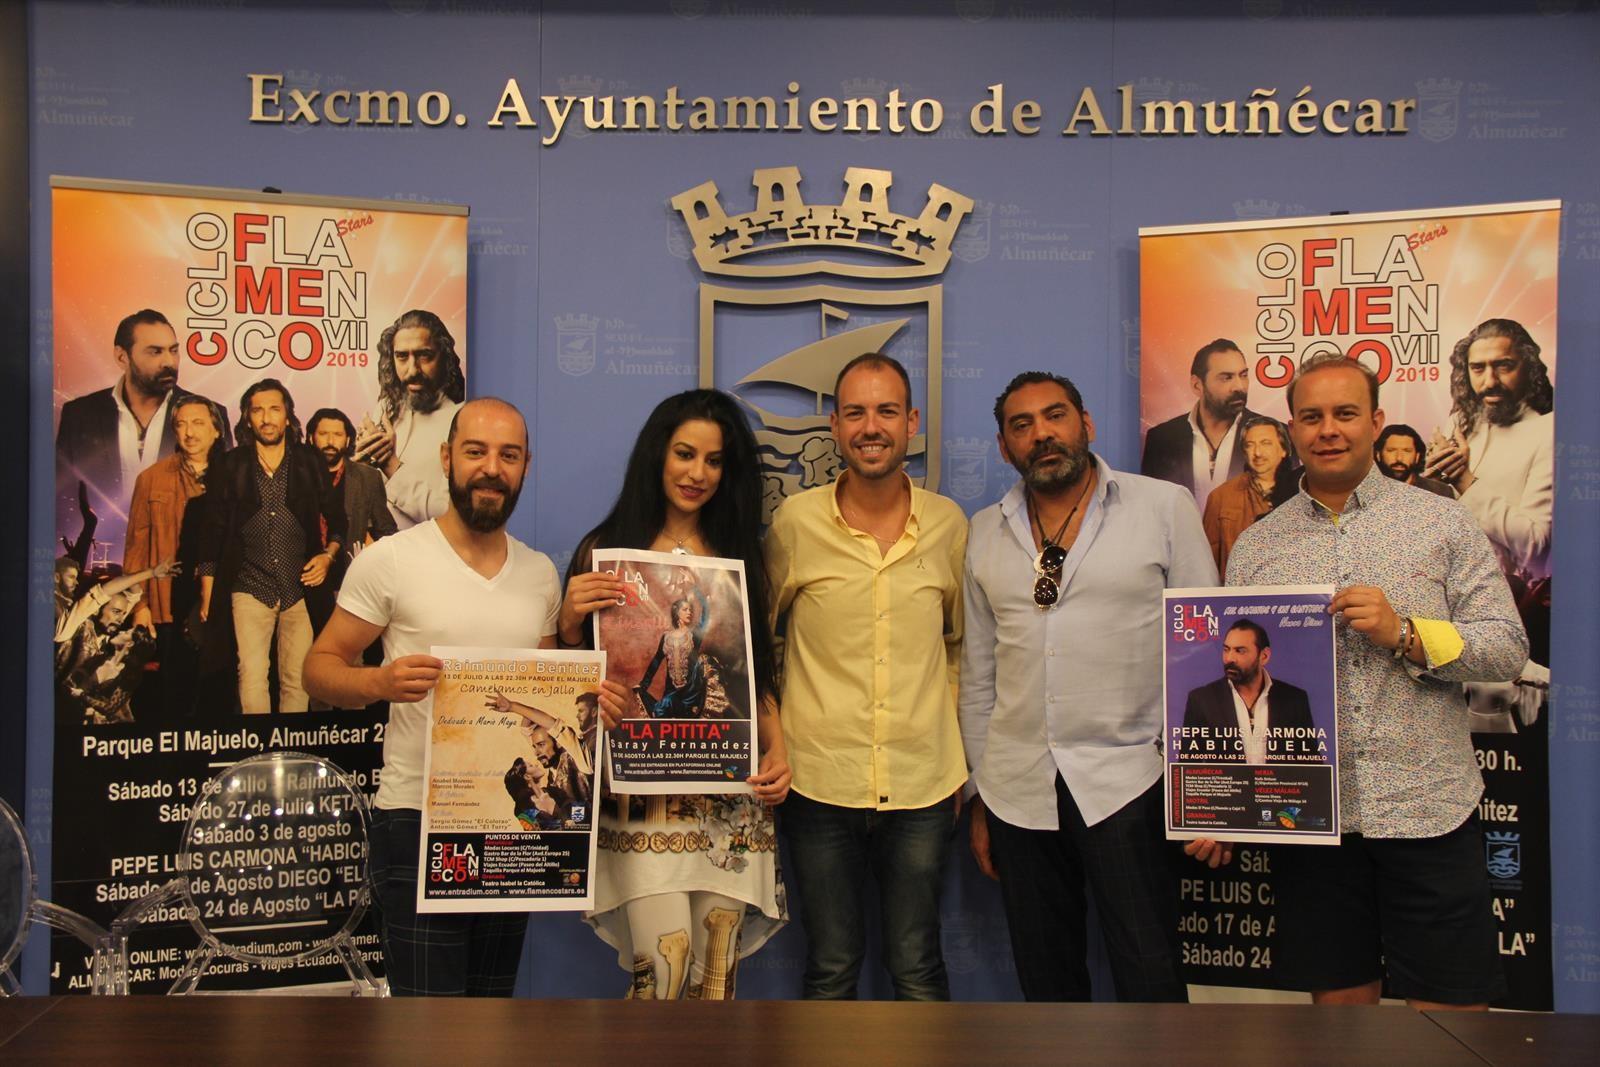 Ketama, Diego 'el Cigala', Pepe Luis 'Habichuela' y 'la Pitita', en el VII ciclo flamenco de Almuñécar